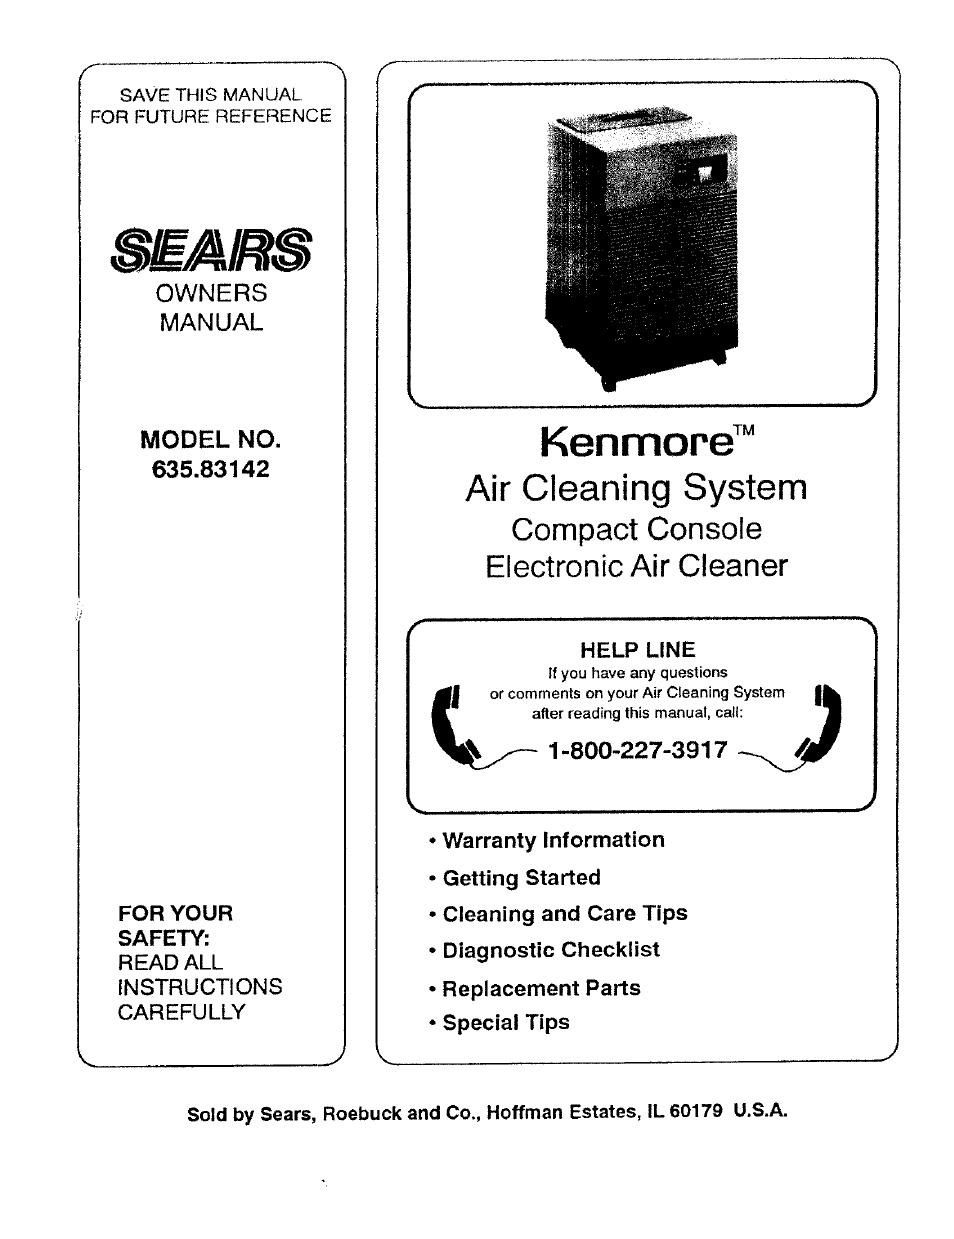 sears kenmore 635 83142 user manual 8 pages rh manualsdir com Kenmore HEPA Air Filter Replacement Kenmore HEPA Air Filter Replacement